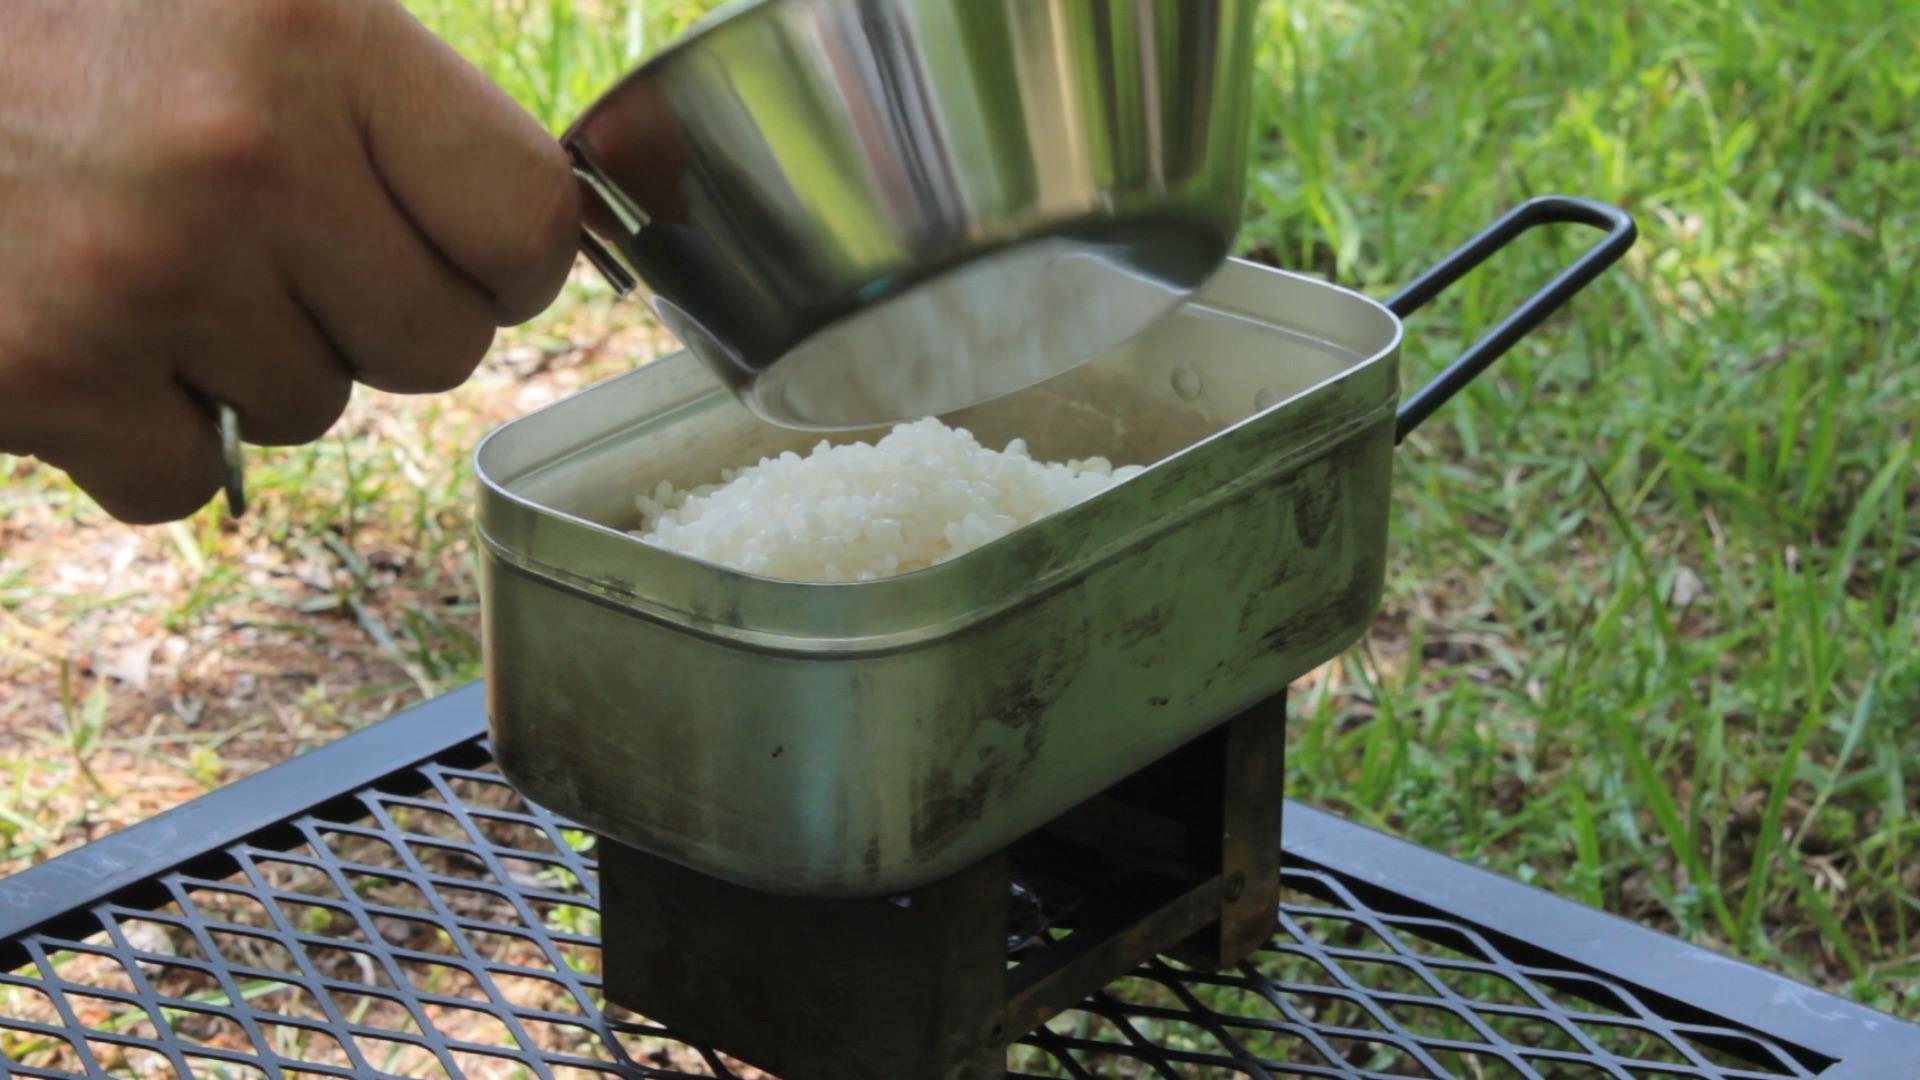 埜營堂 メスティン自動炊飯レシピ チーズチキンライス